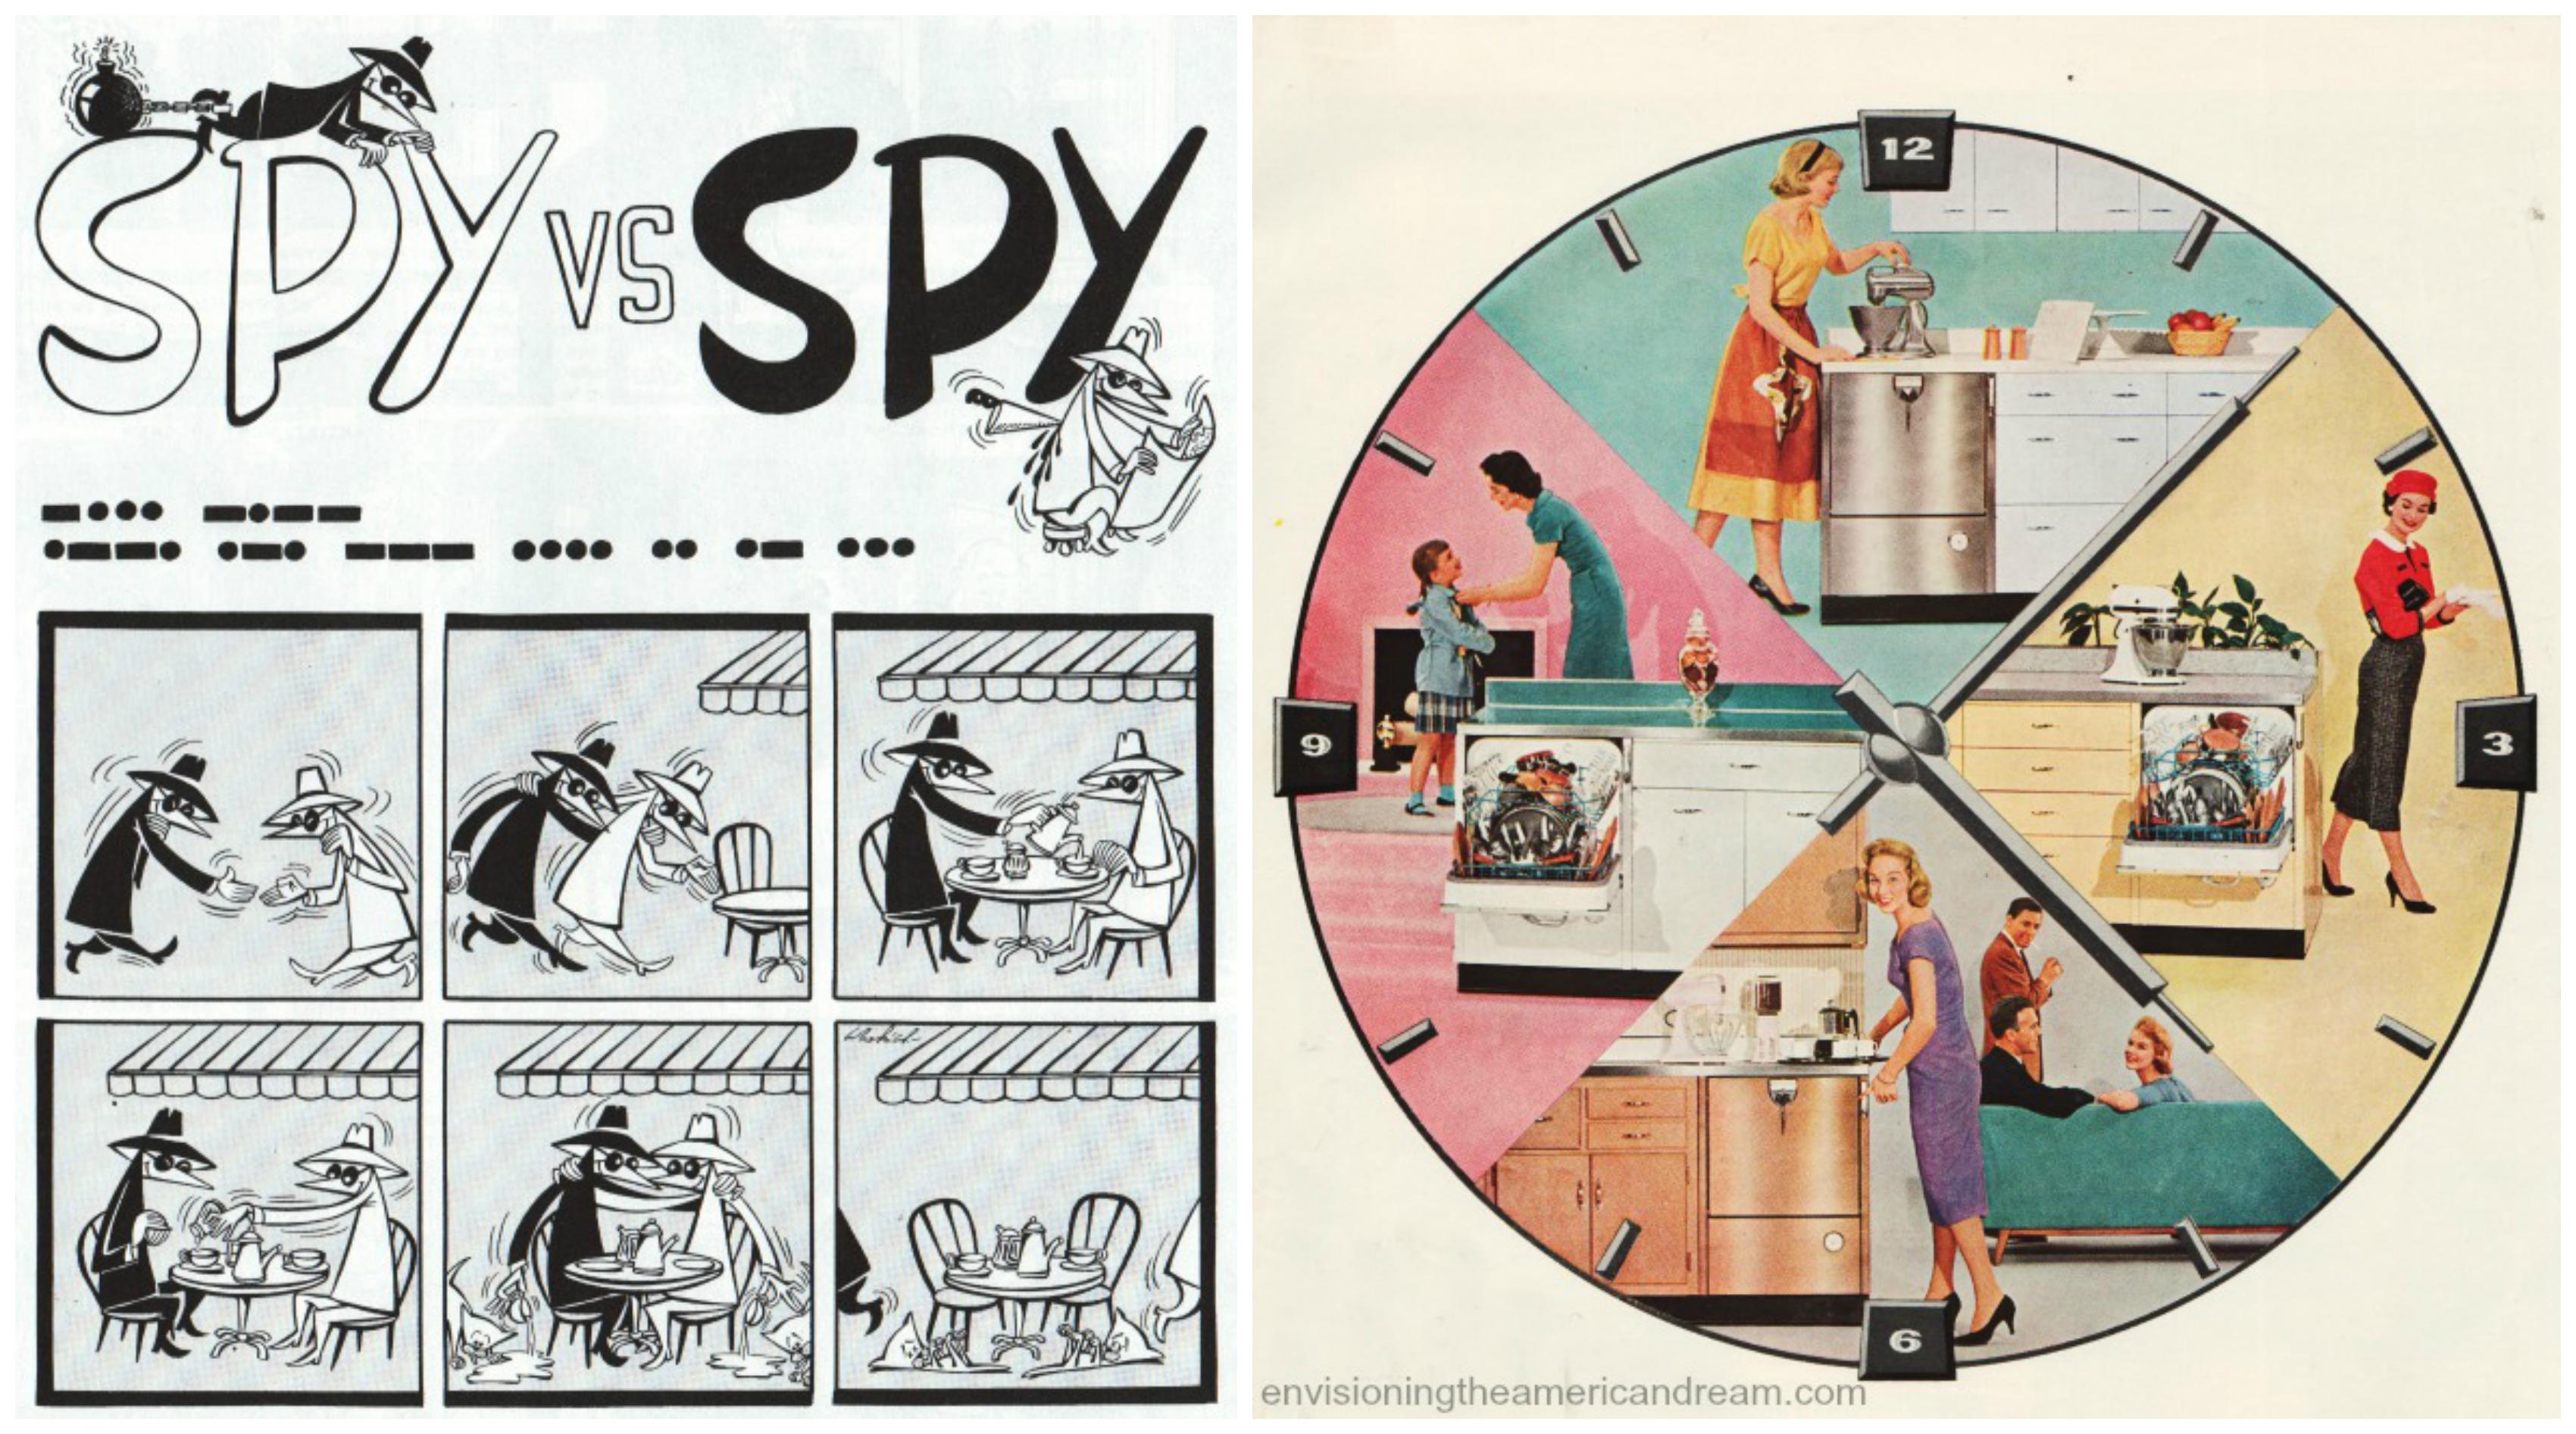 Cold War Spyware